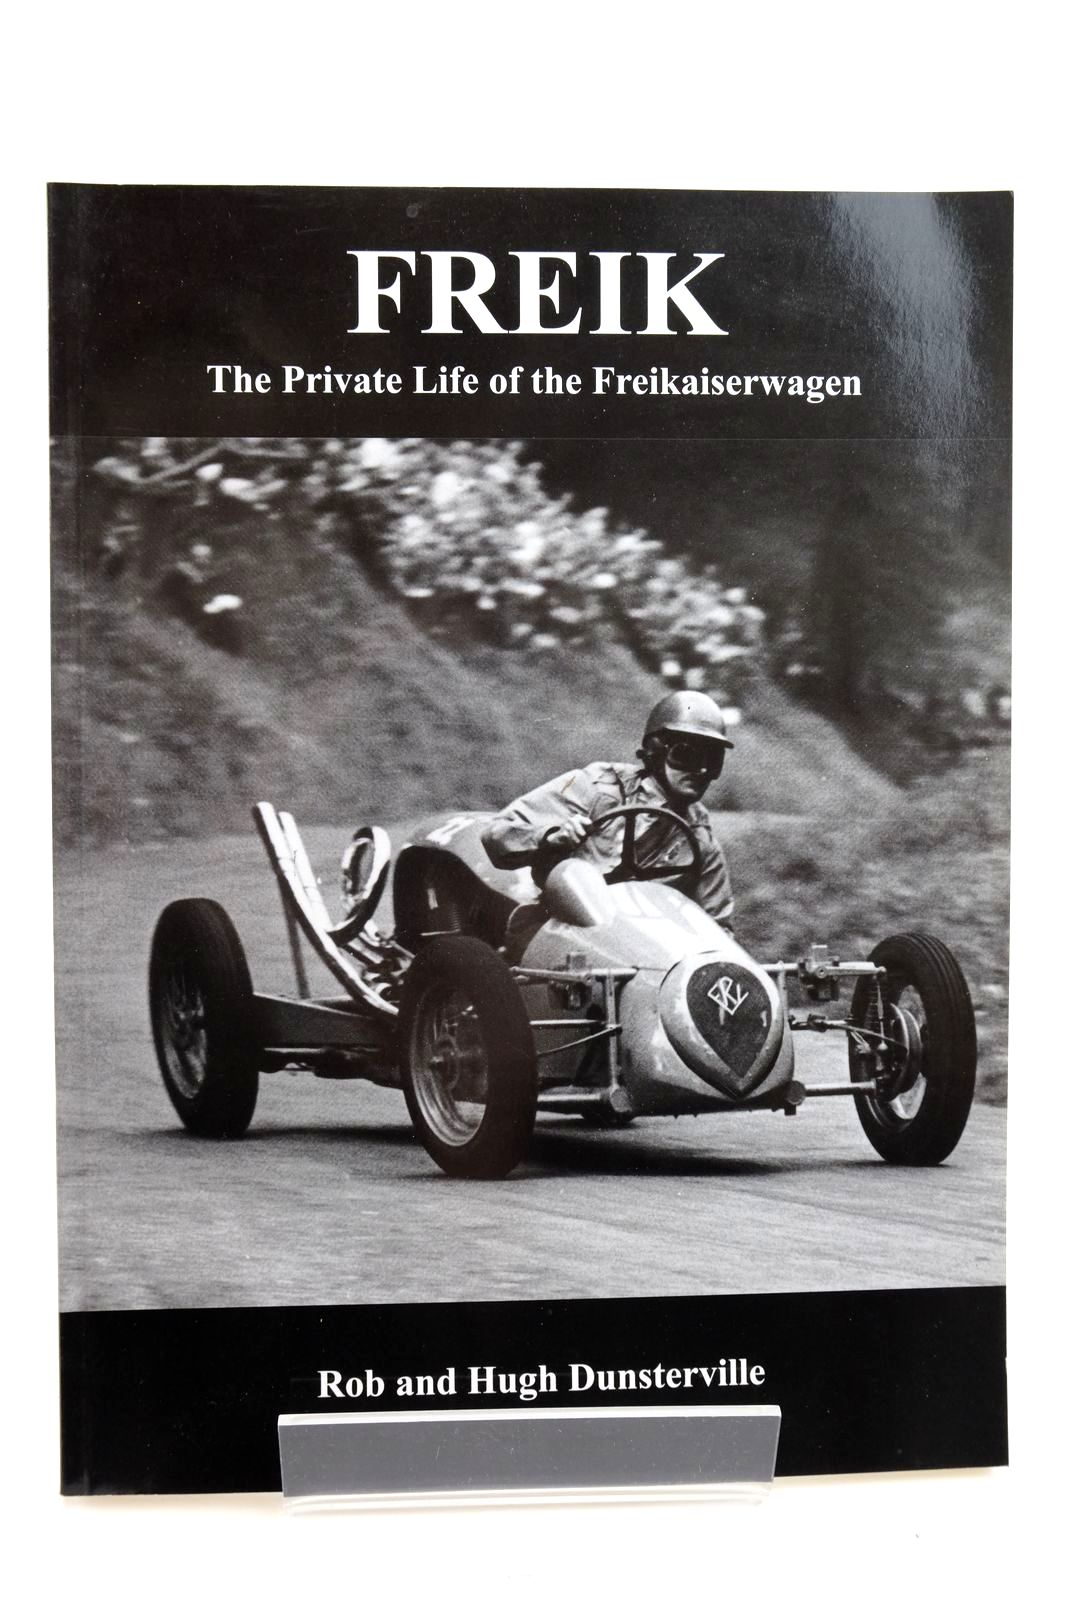 Freik The Private Life of The Freikaiserwagen